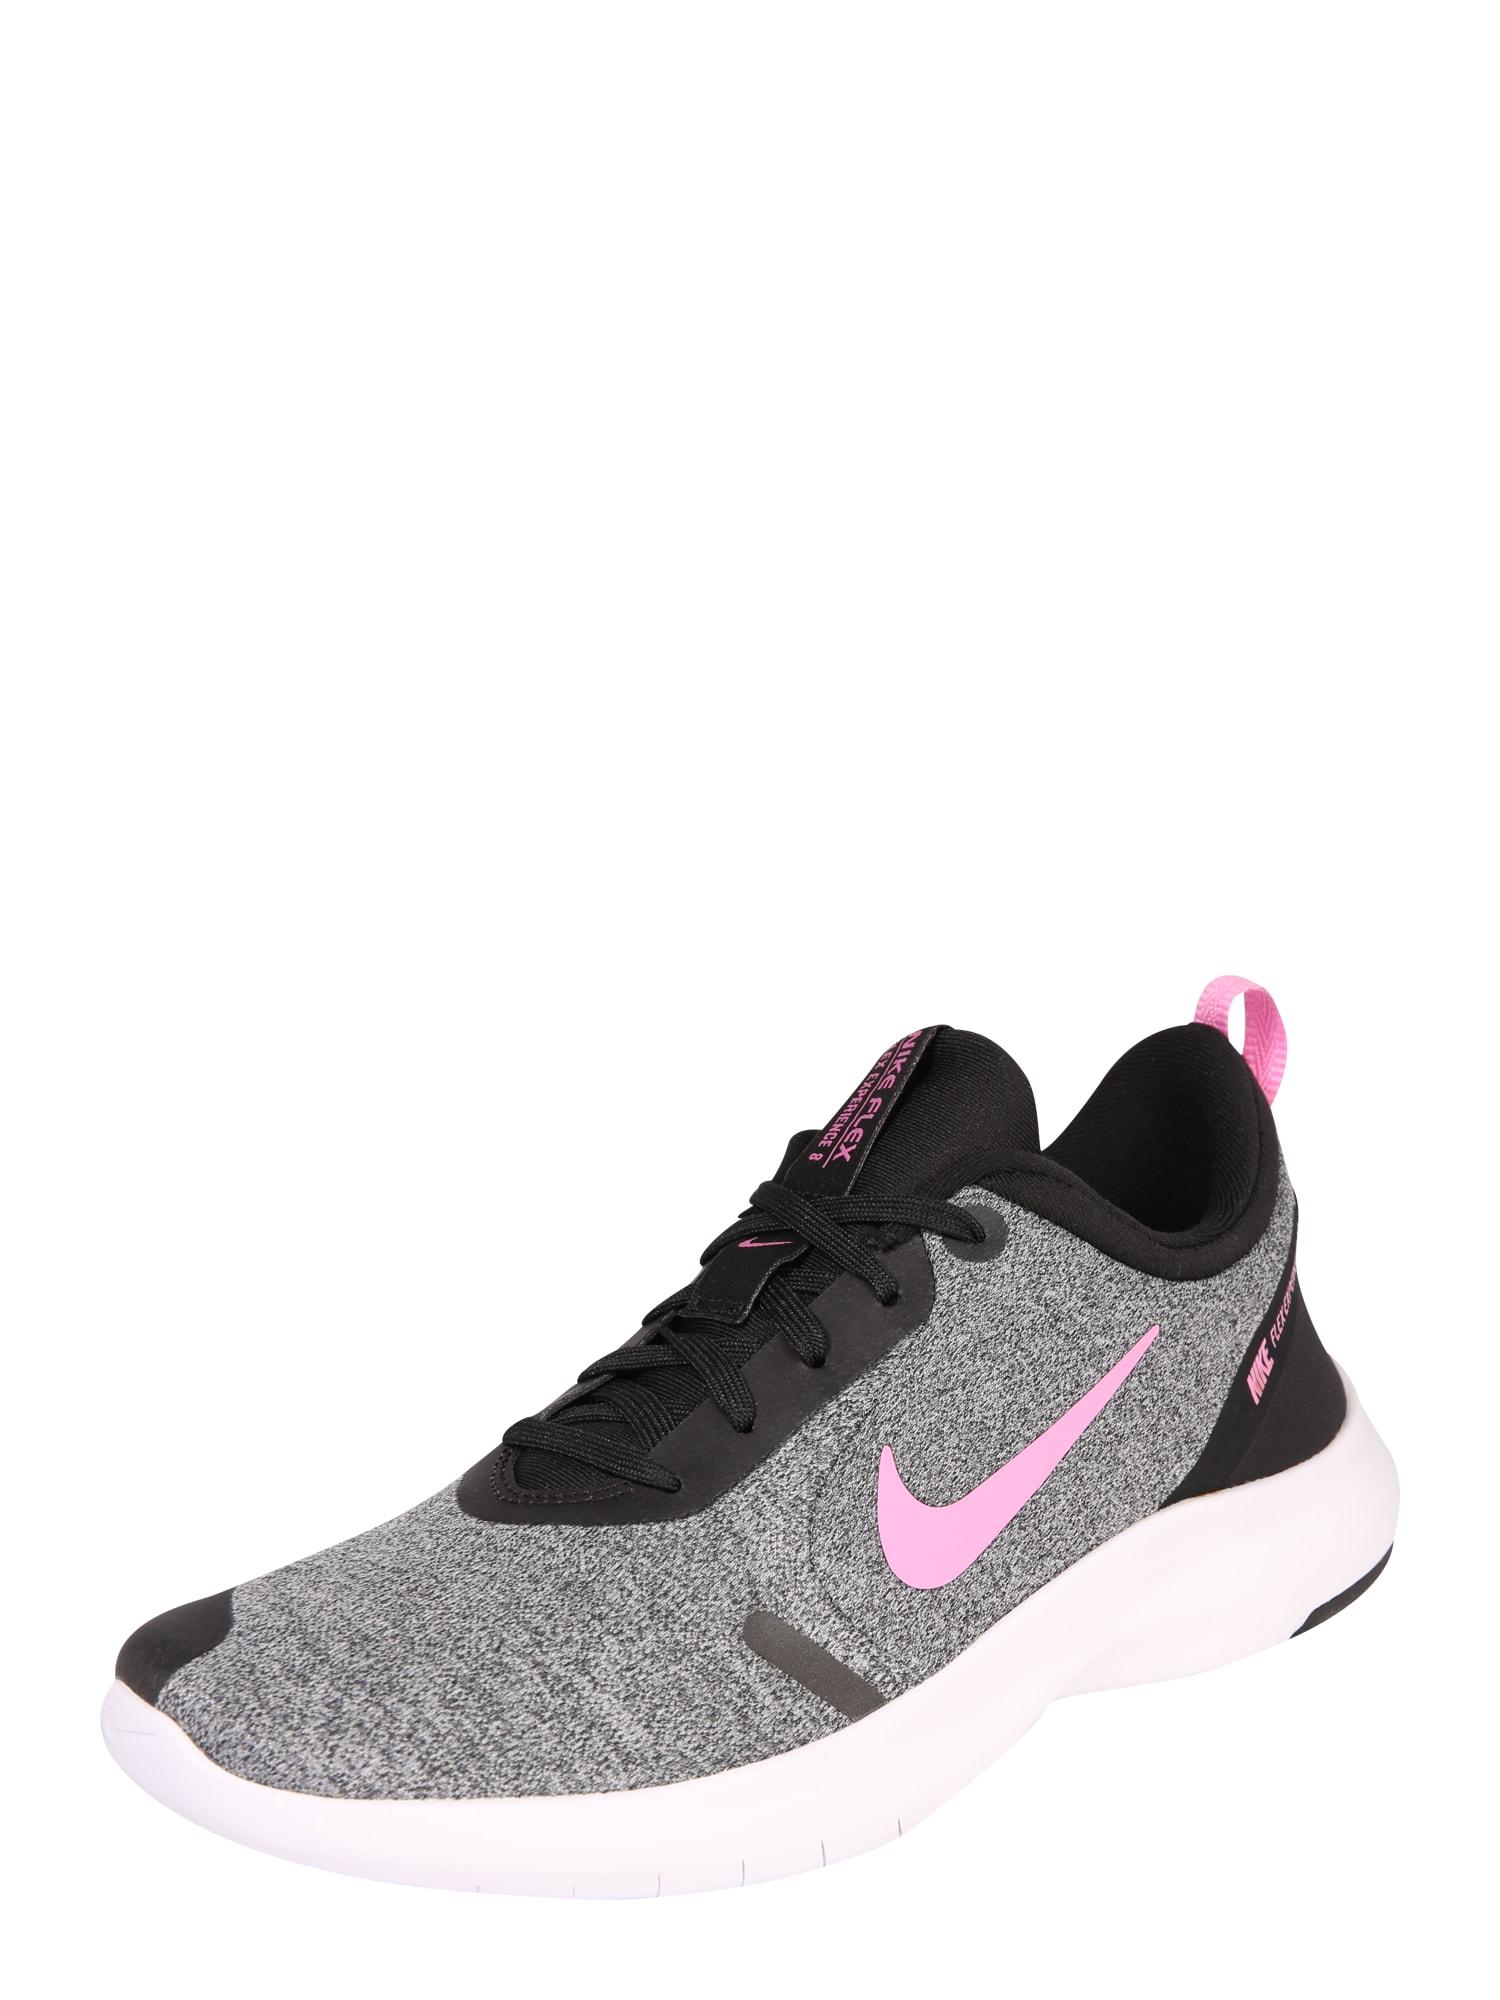 Sportovní boty Nike Flex Experience RN 8 šedá pink černá NIKE